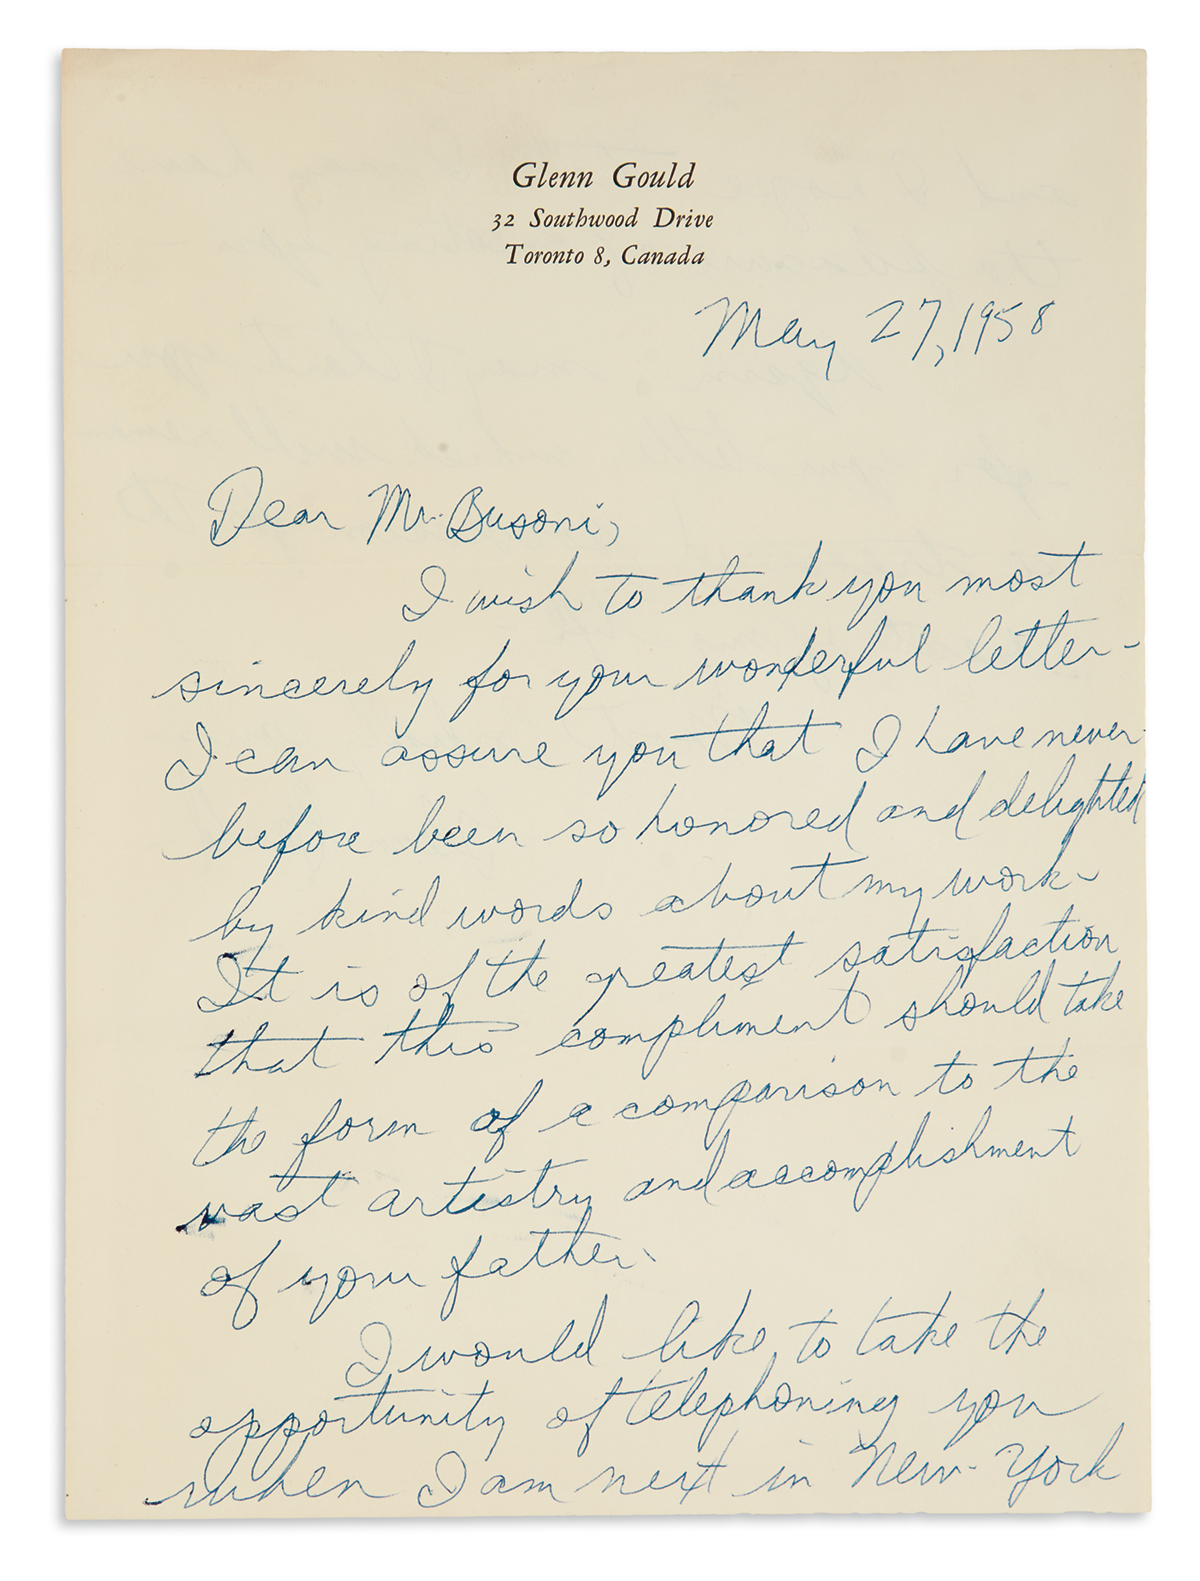 GOULD, GLENN. Autograph Letter Signed, to the son of composer Ferruccio Busoni, Rafaello,